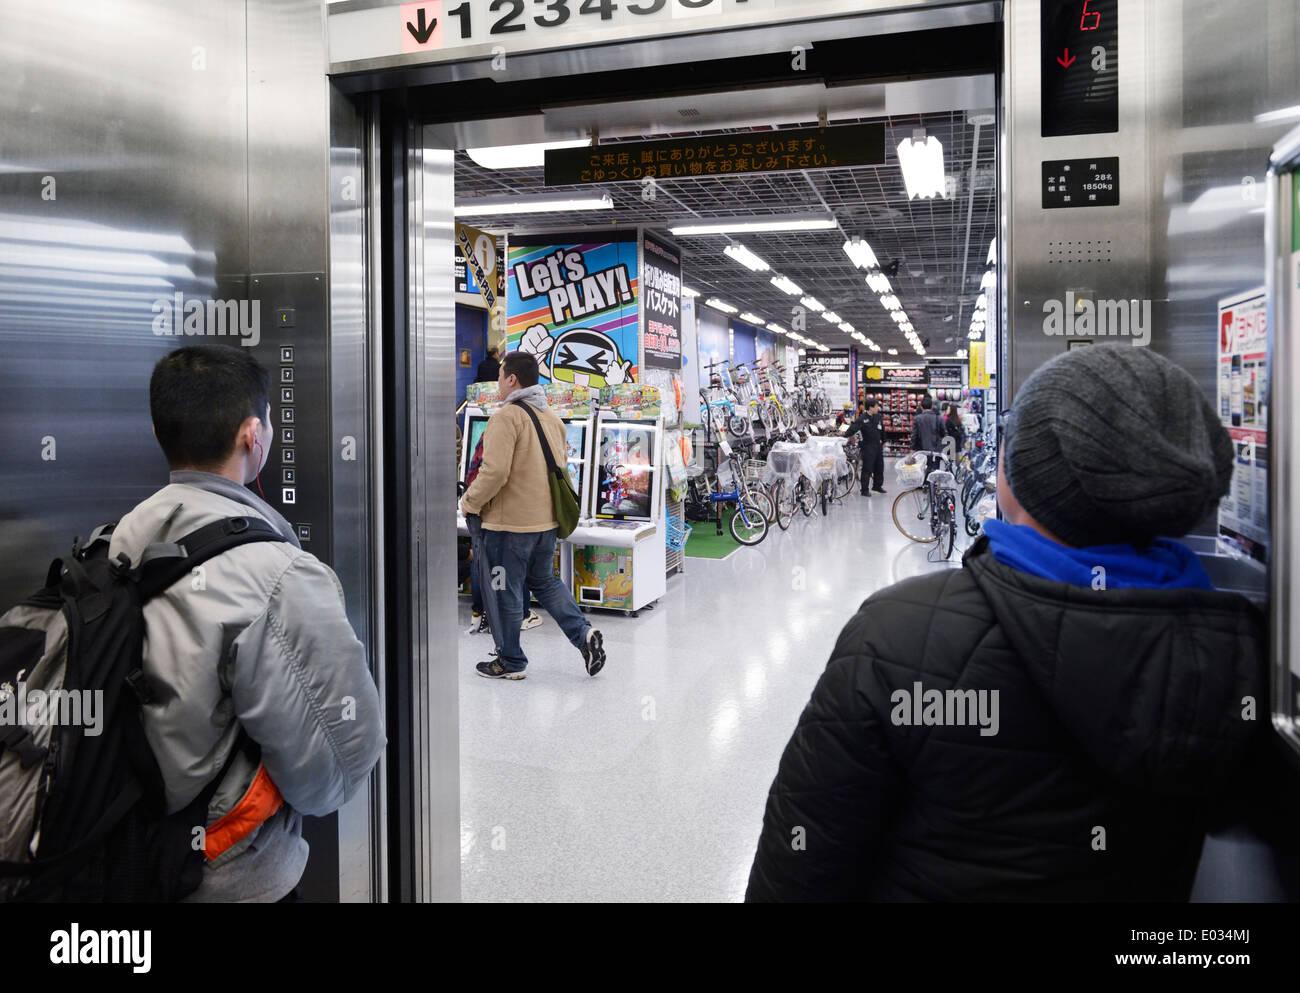 Les gens à l'intérieur d'un ascenseur dans un magasin à Tokyo, Japon Photo Stock